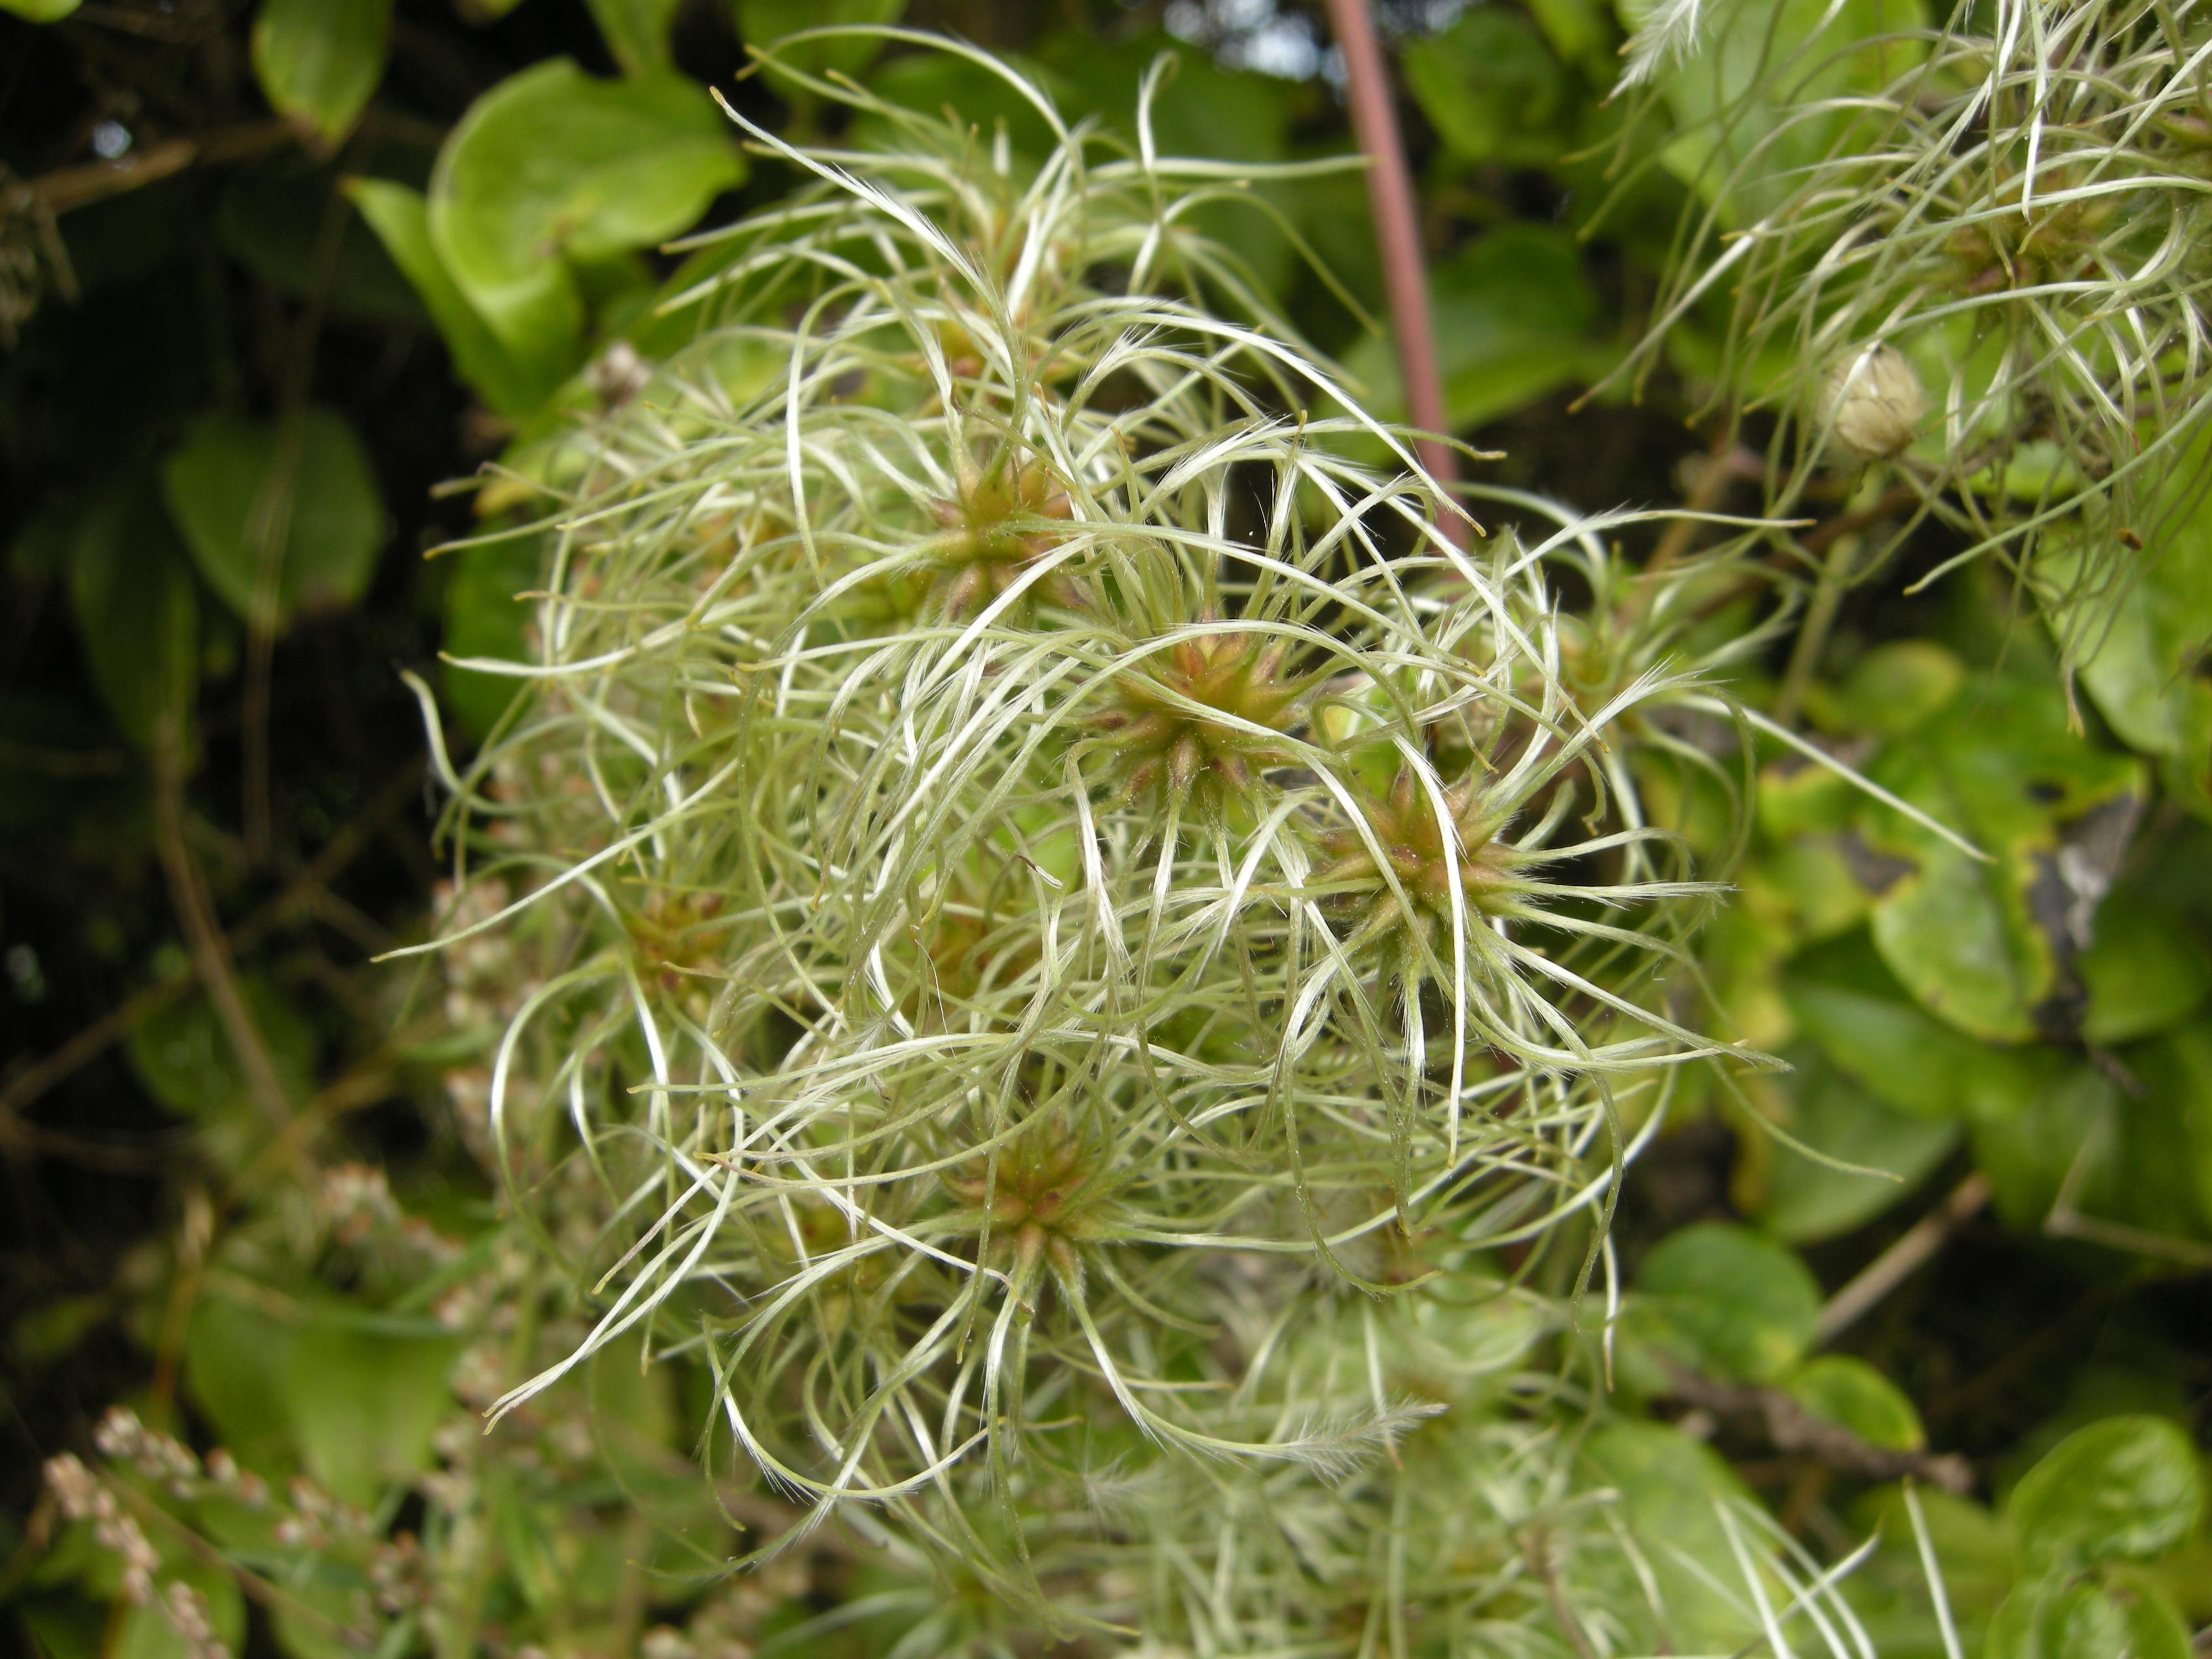 Clematis vitalba seed head (13/09/2011, Southend On Sea)